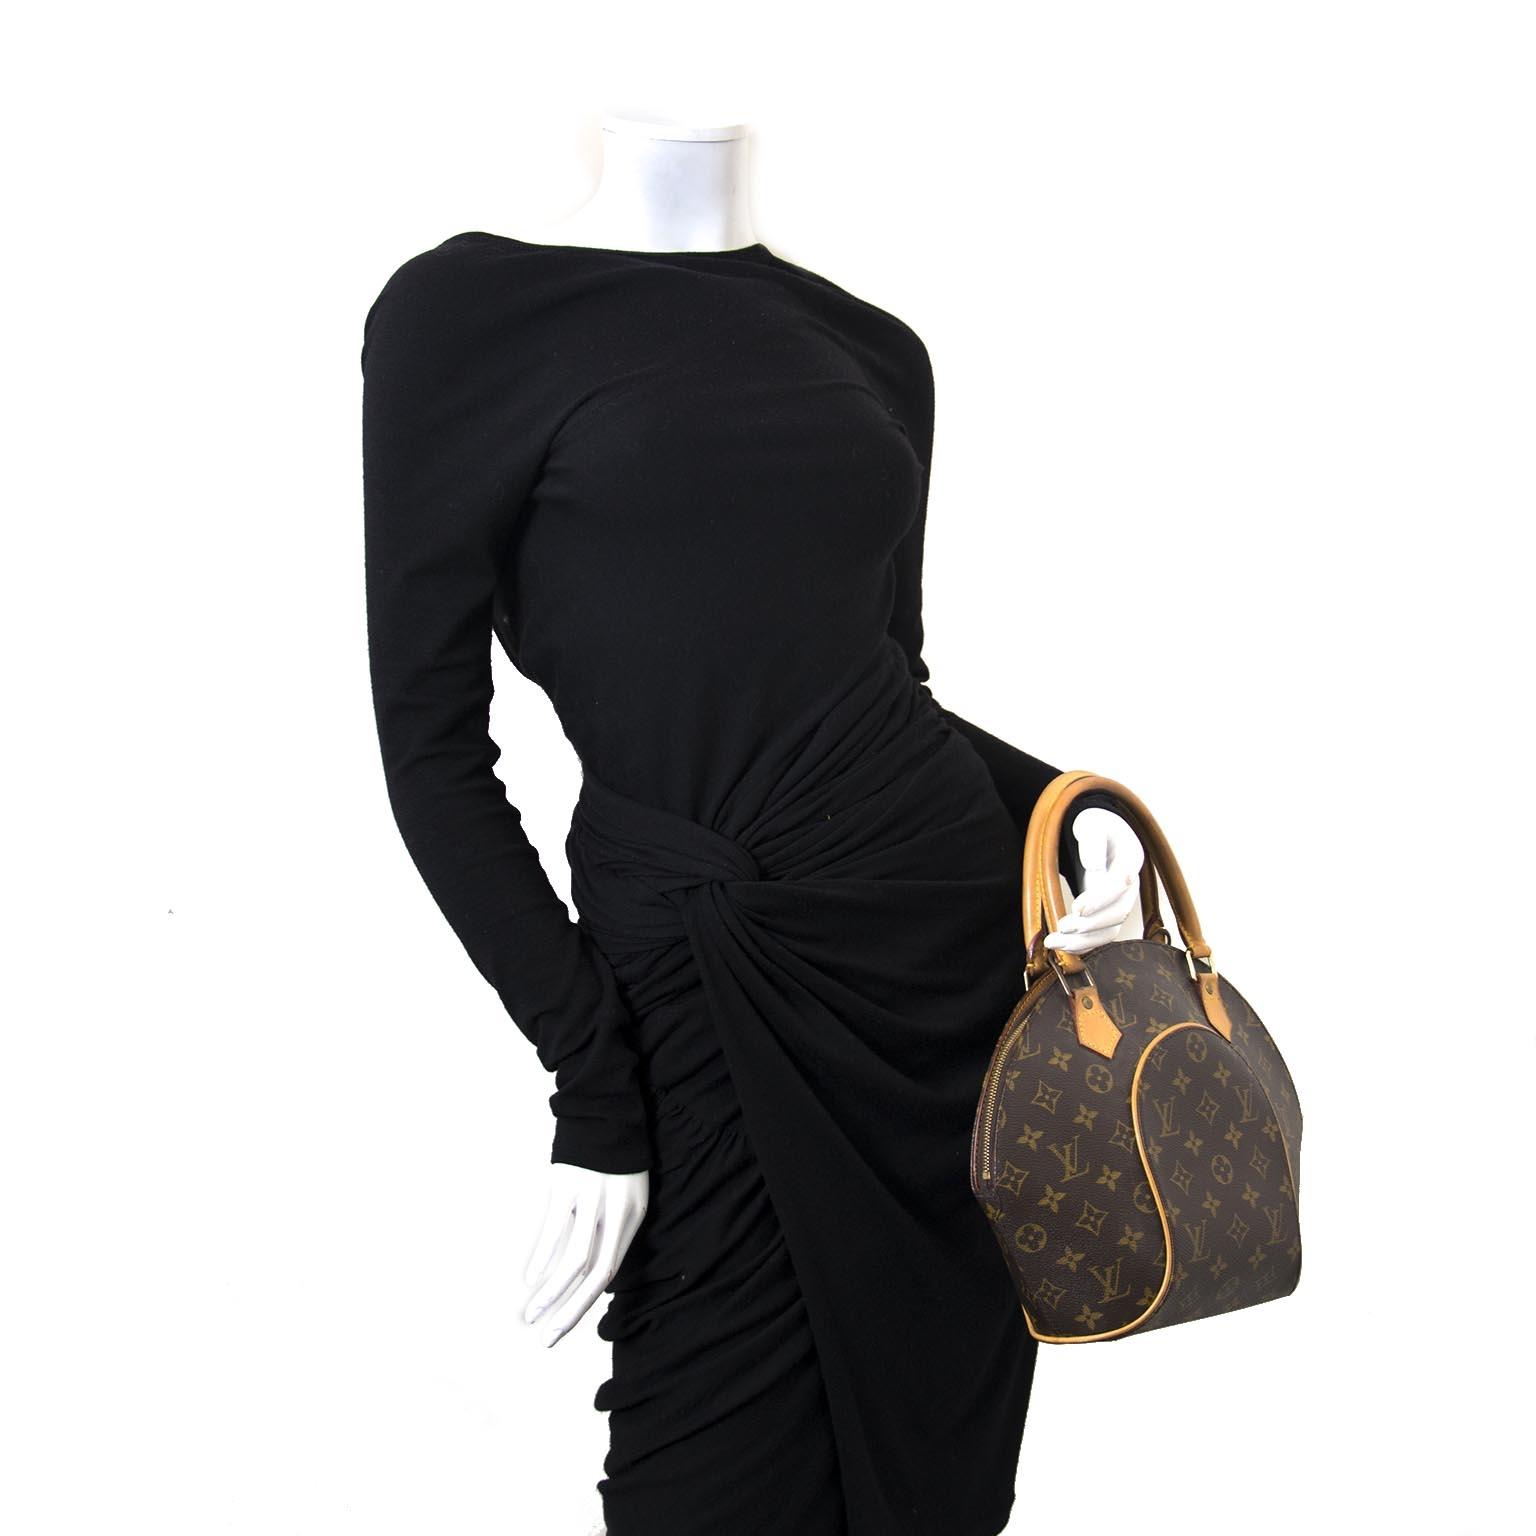 Bent u op zoek naar een authentieke designer handtas van Louis Vuitton? Koop bij Labellov